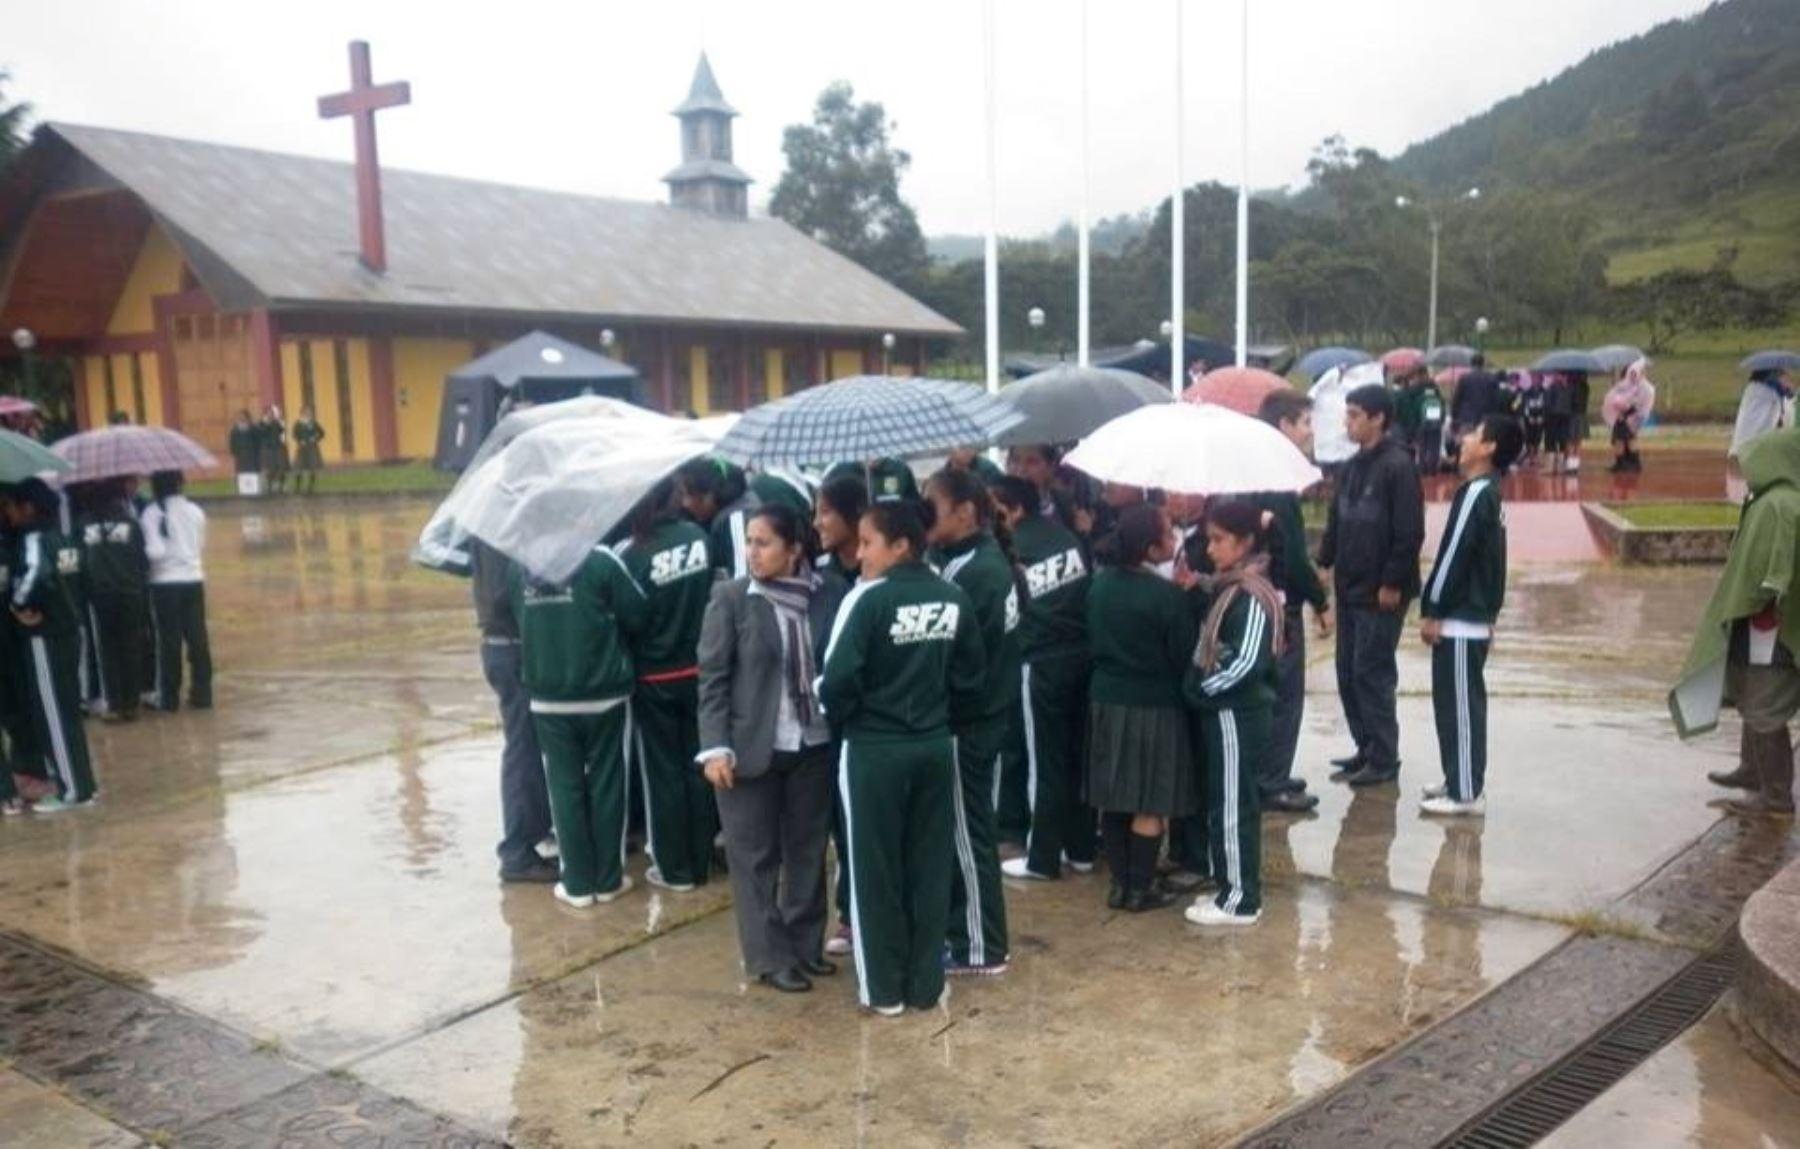 Lluvias intensas se presentan desde hoy en 53 provincias de la selva. ANDINA